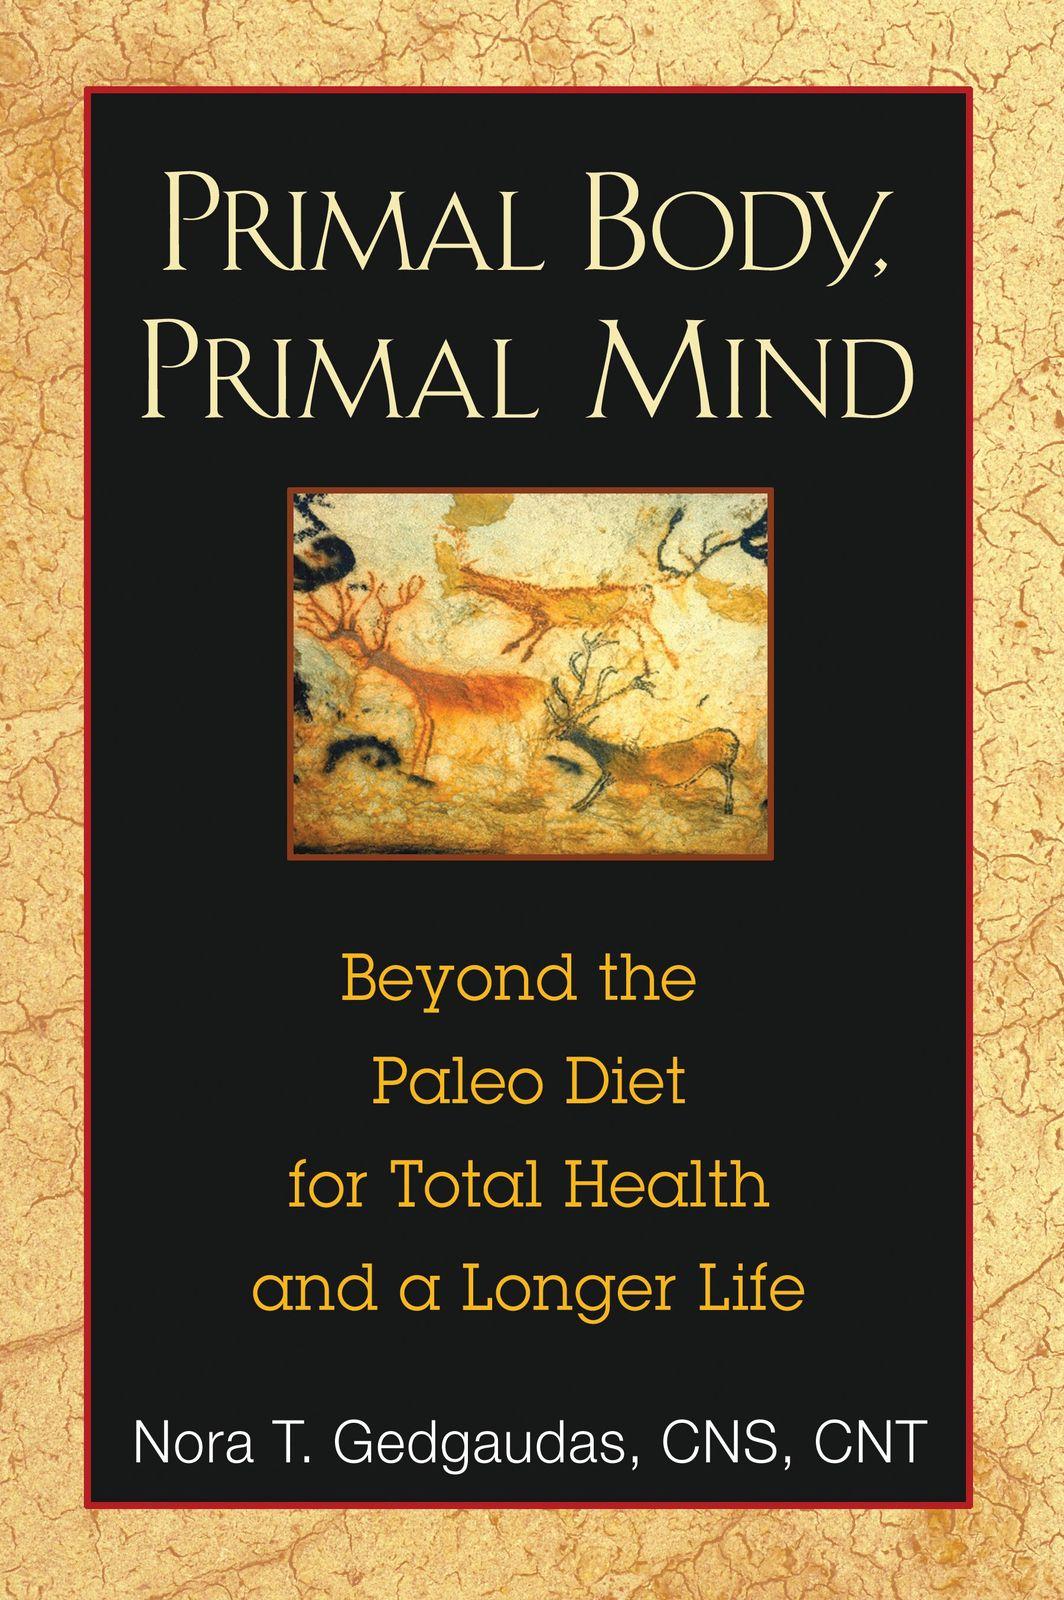 Primal Body, Primal Mind by Nora T. Gedgaudas image